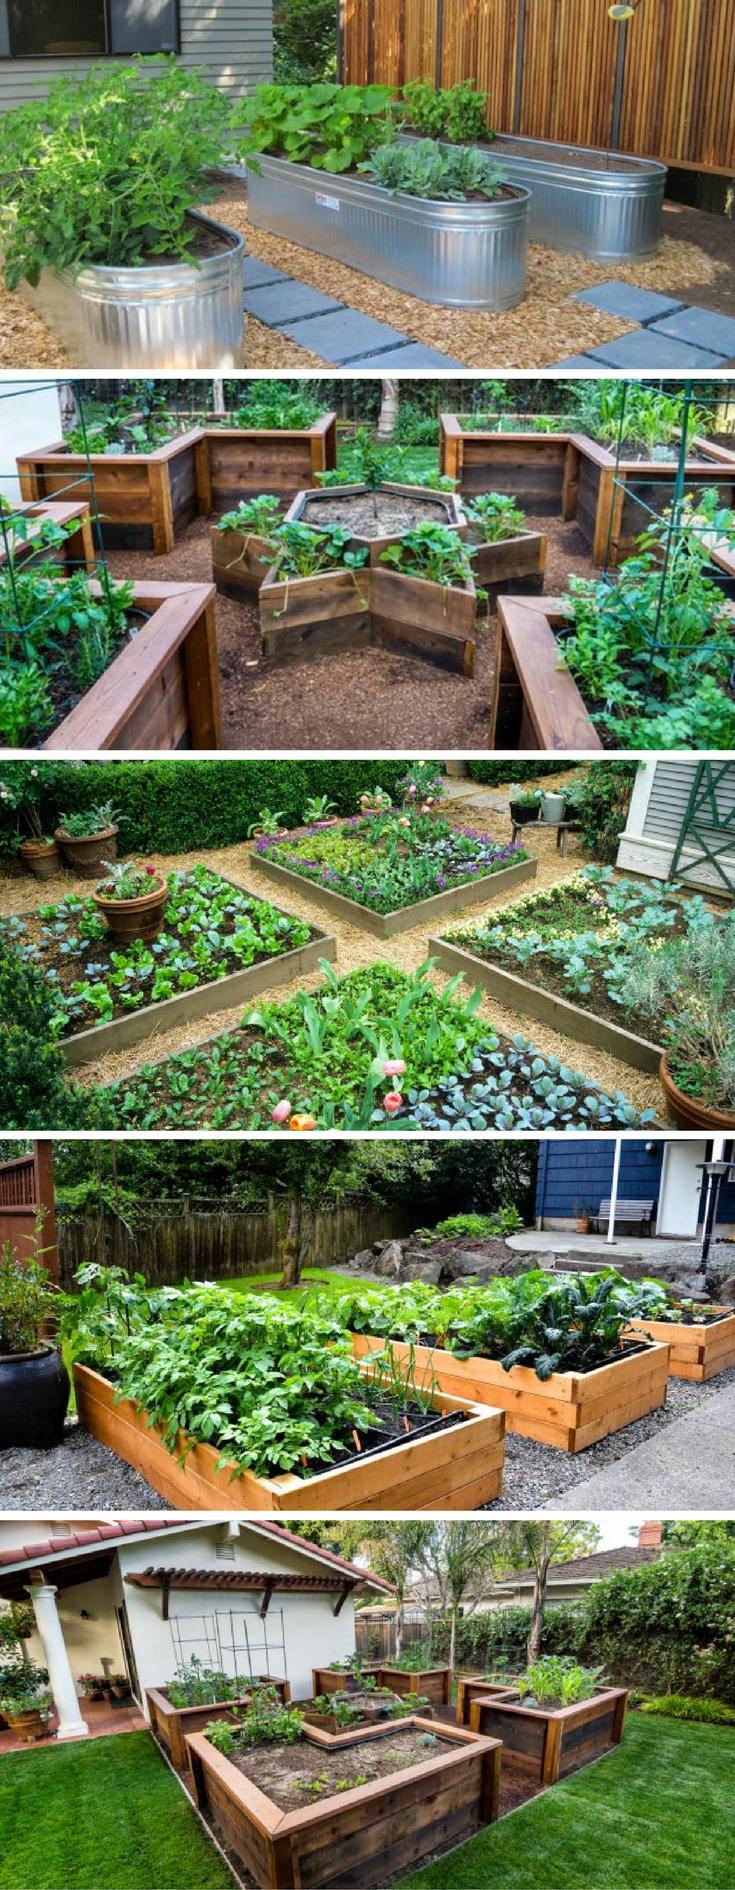 yard landscaping ideas backyard Fruit garden design